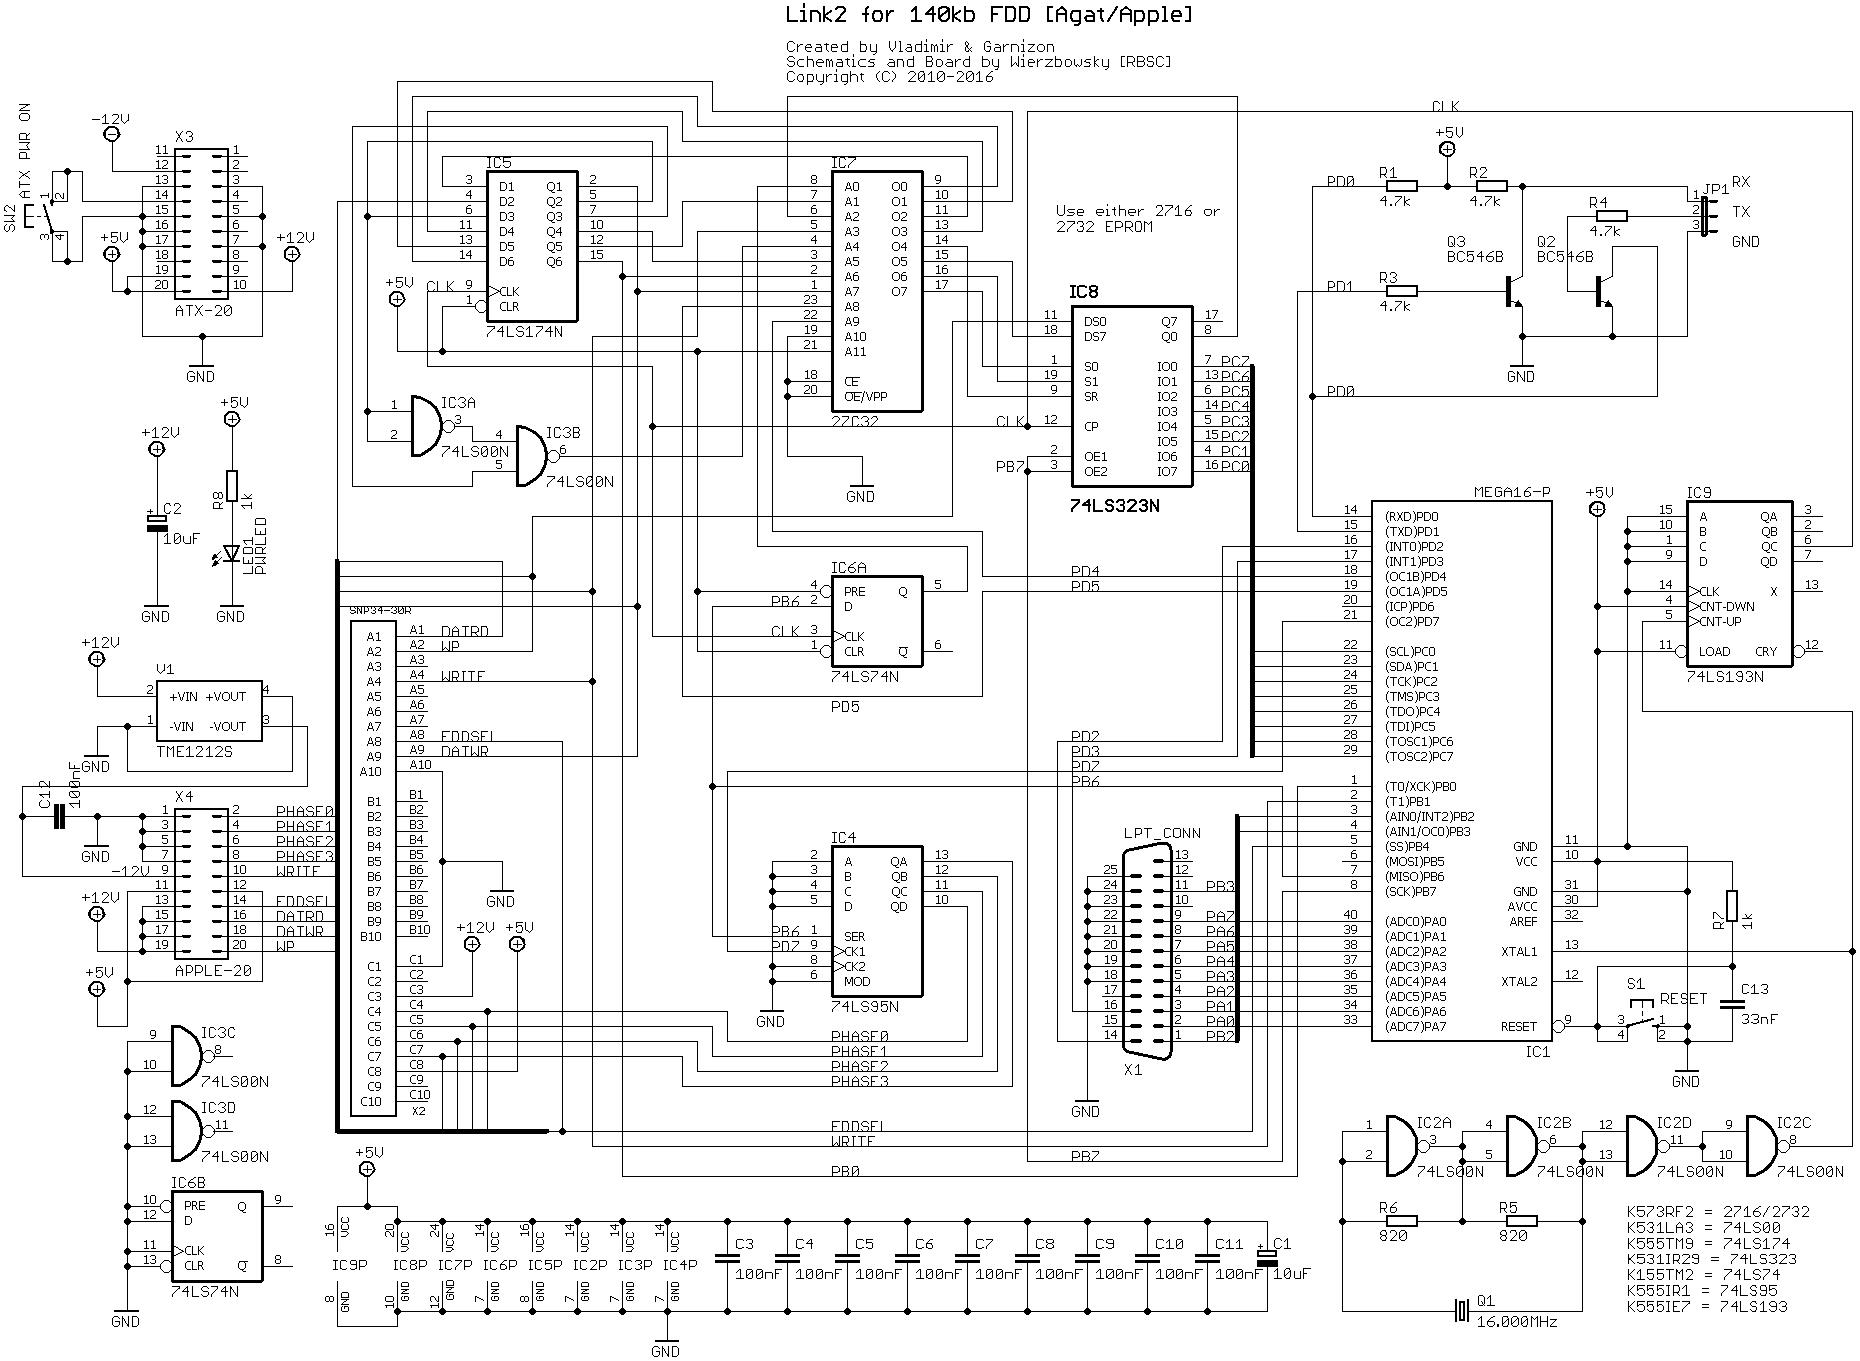 http://podrezov.com/agat140/schematics.png